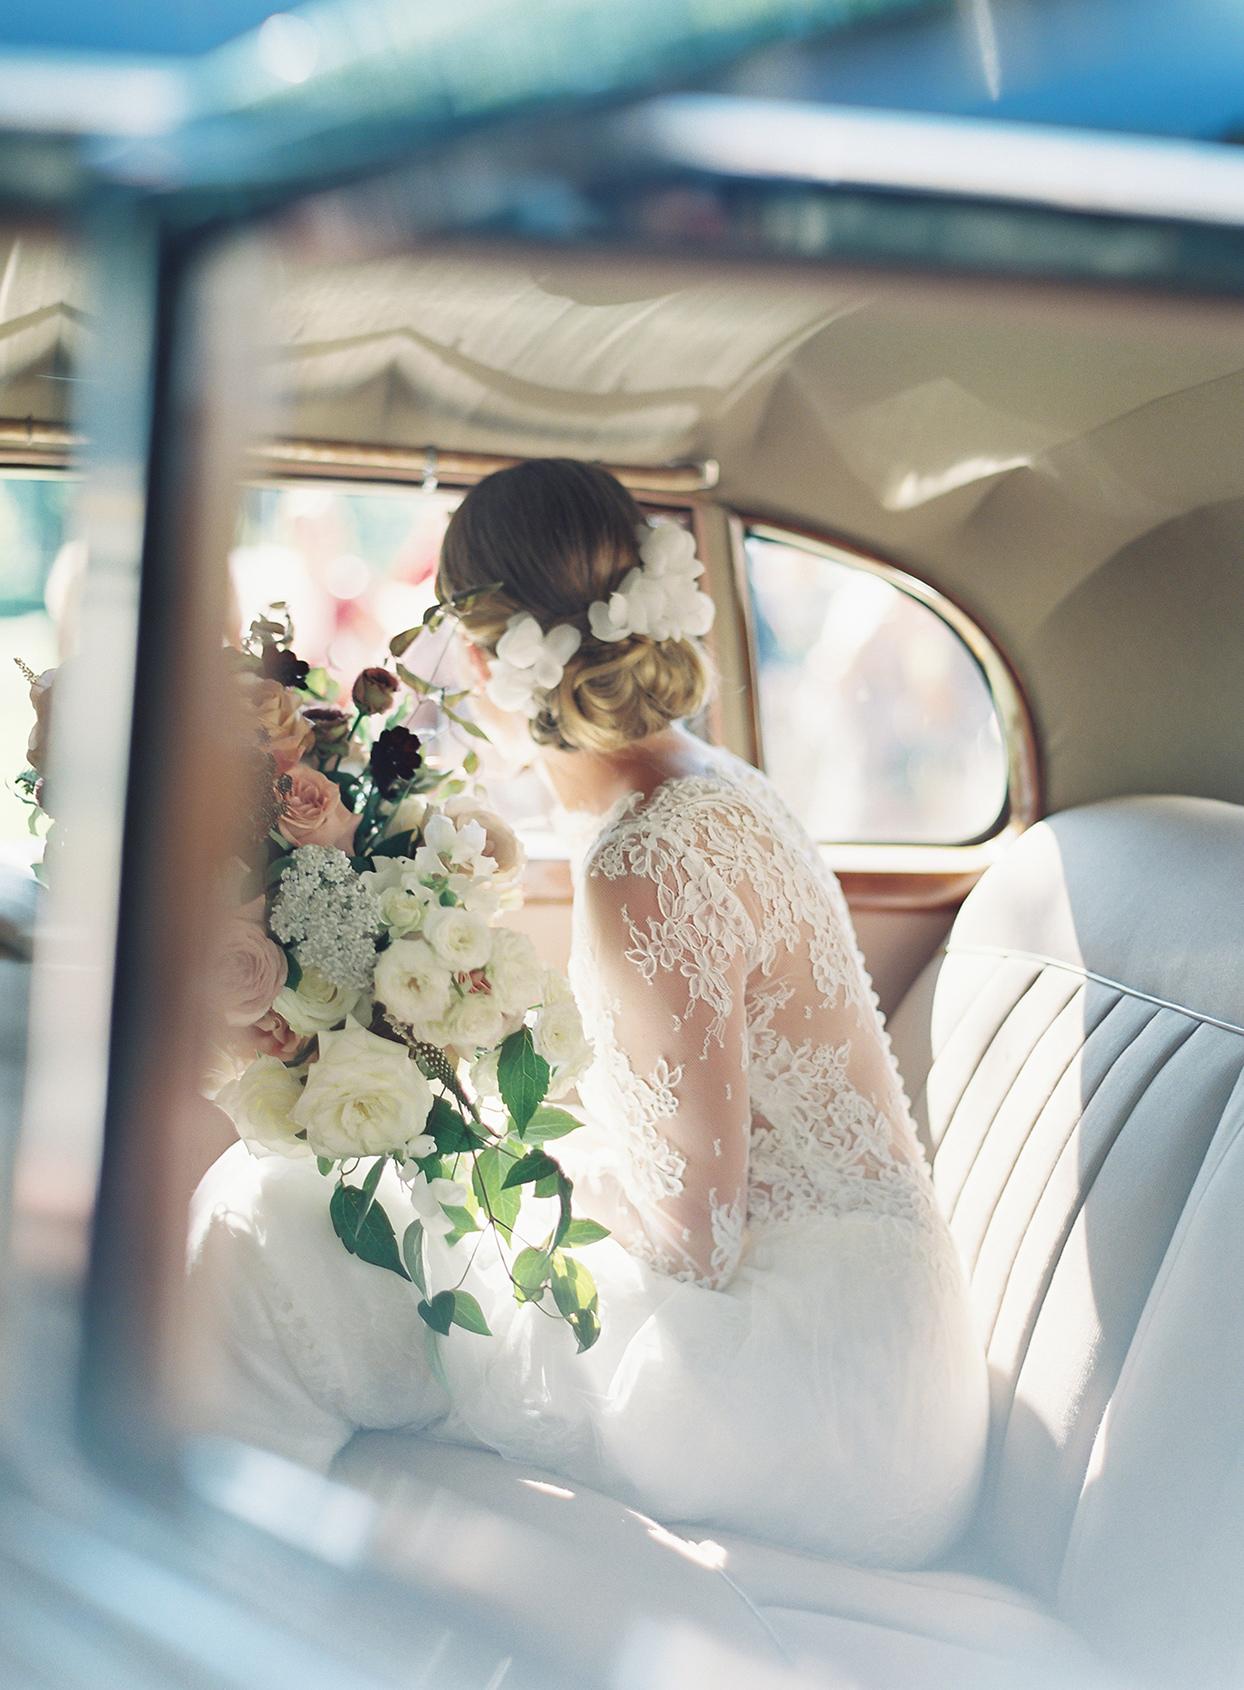 laura alexander wedding bride in car